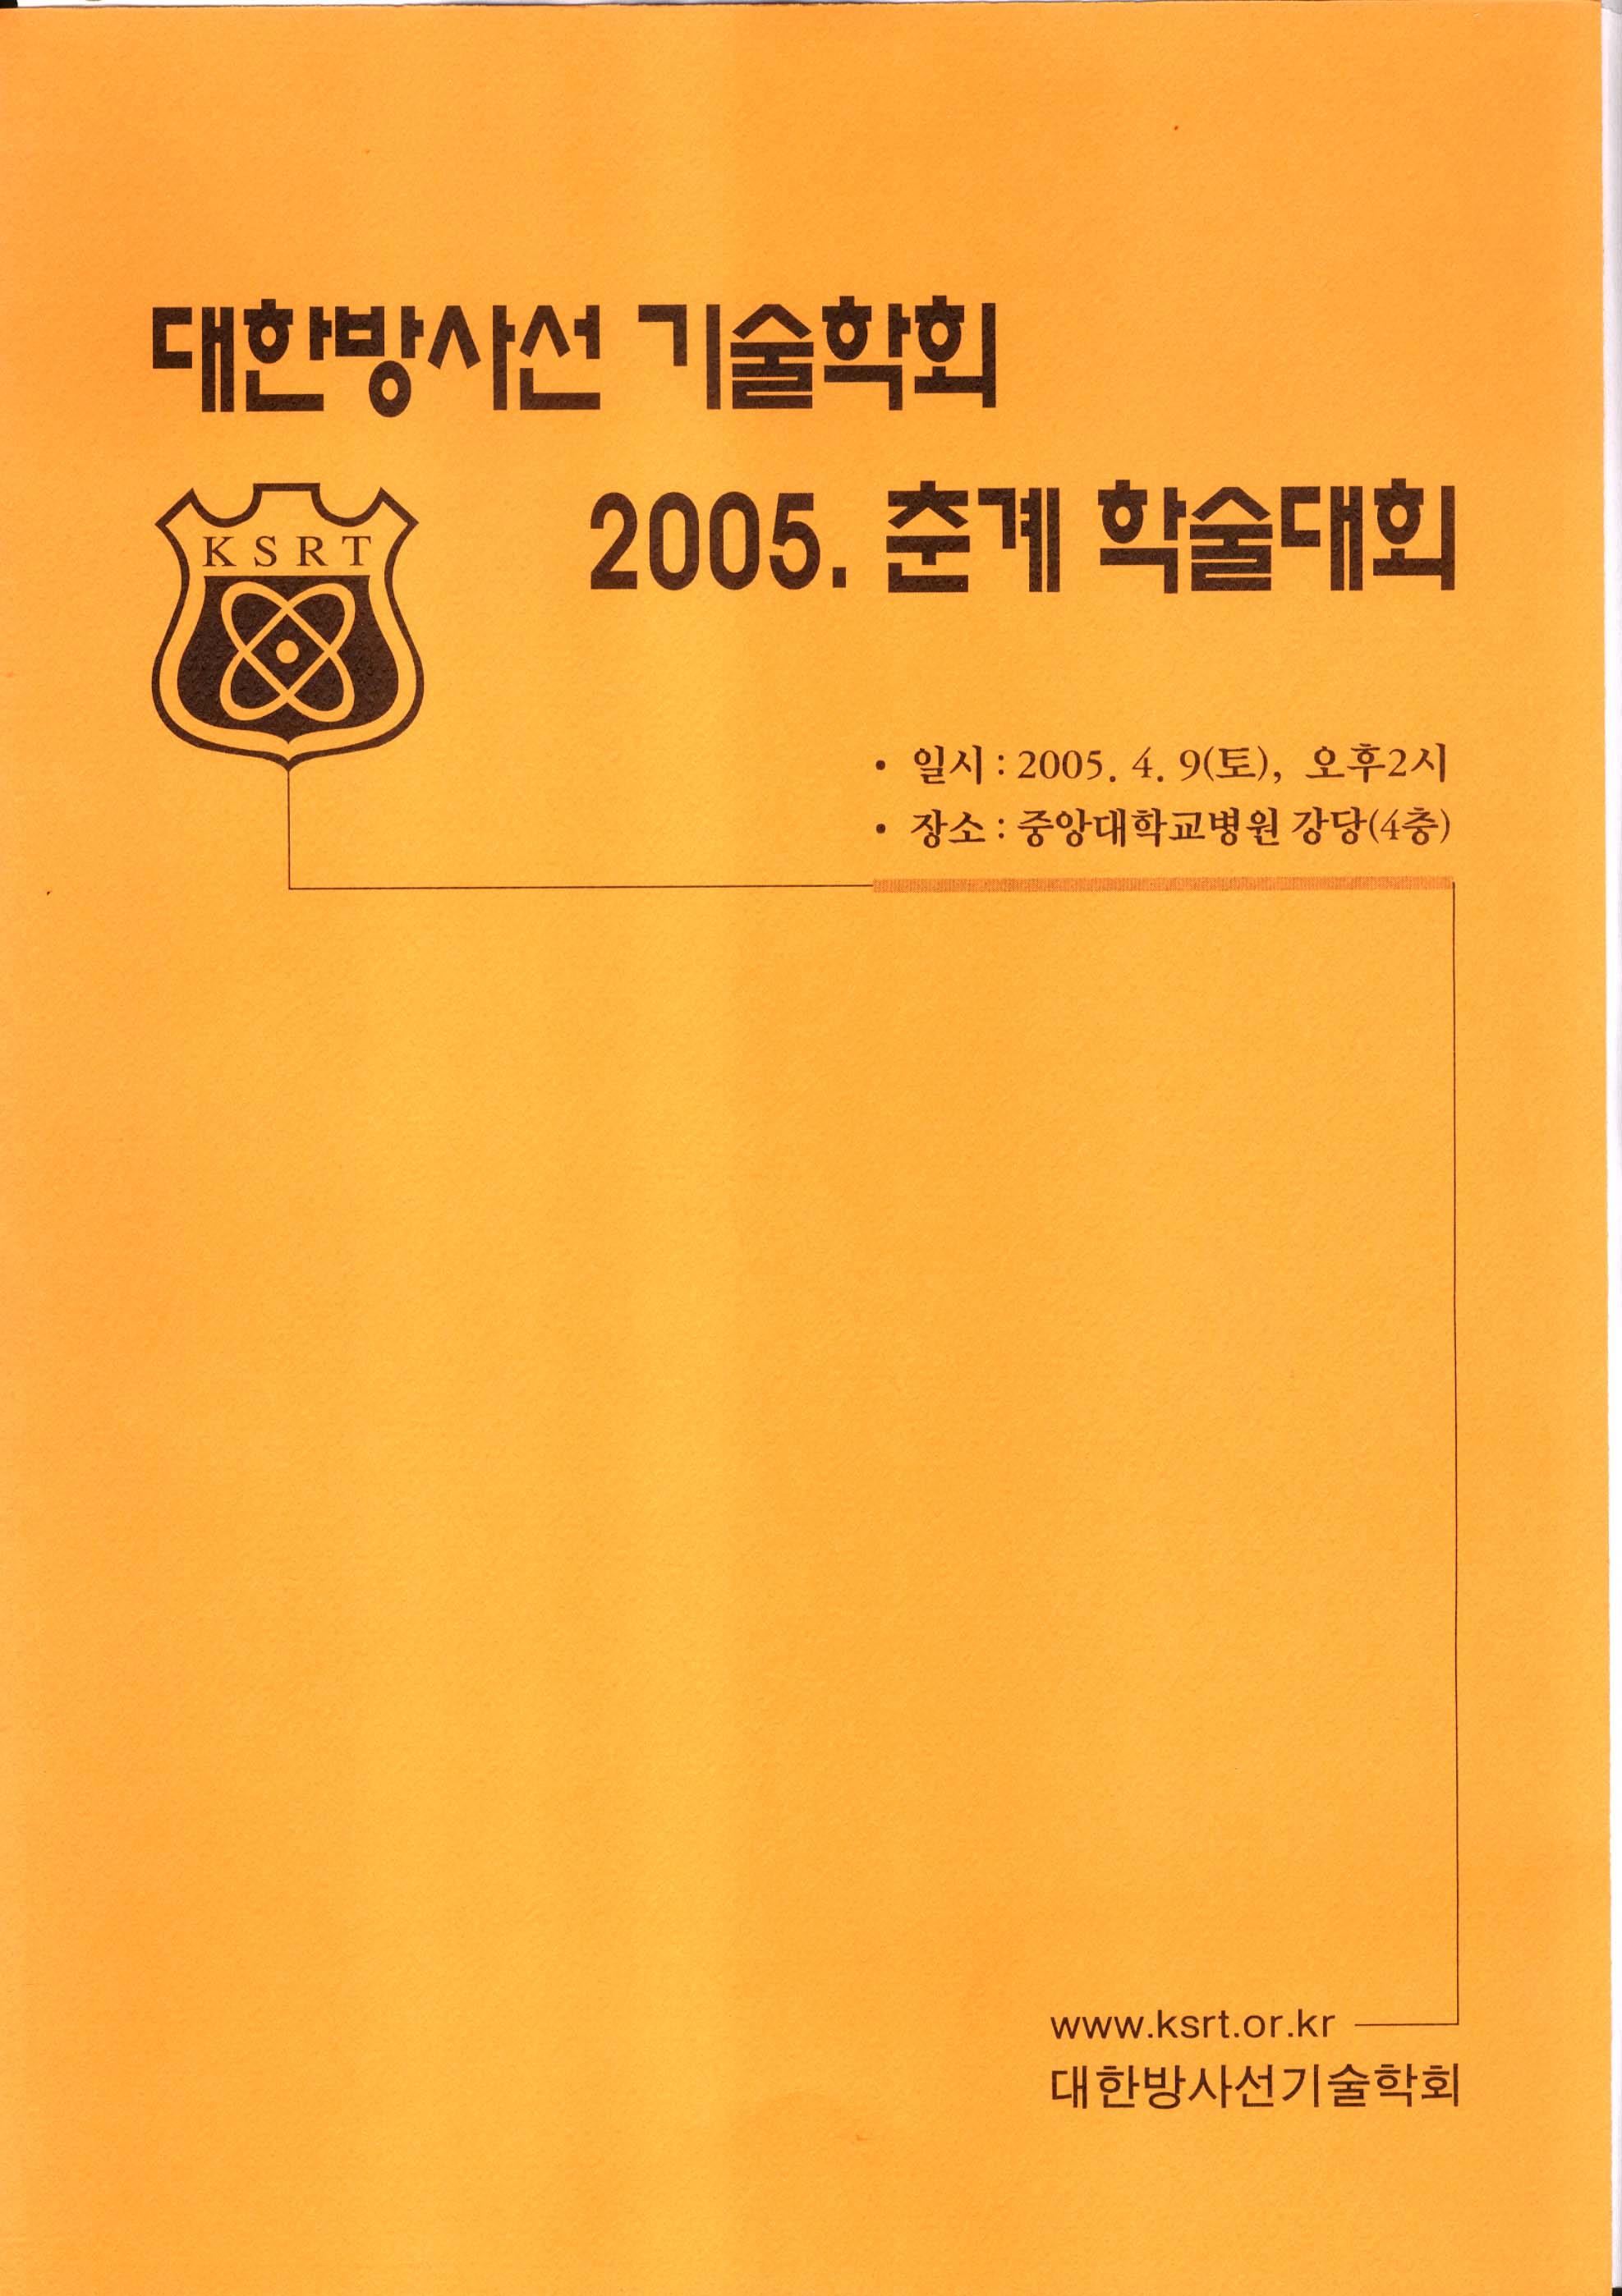 대한방사선과학회 1996년도 춘계학술대회